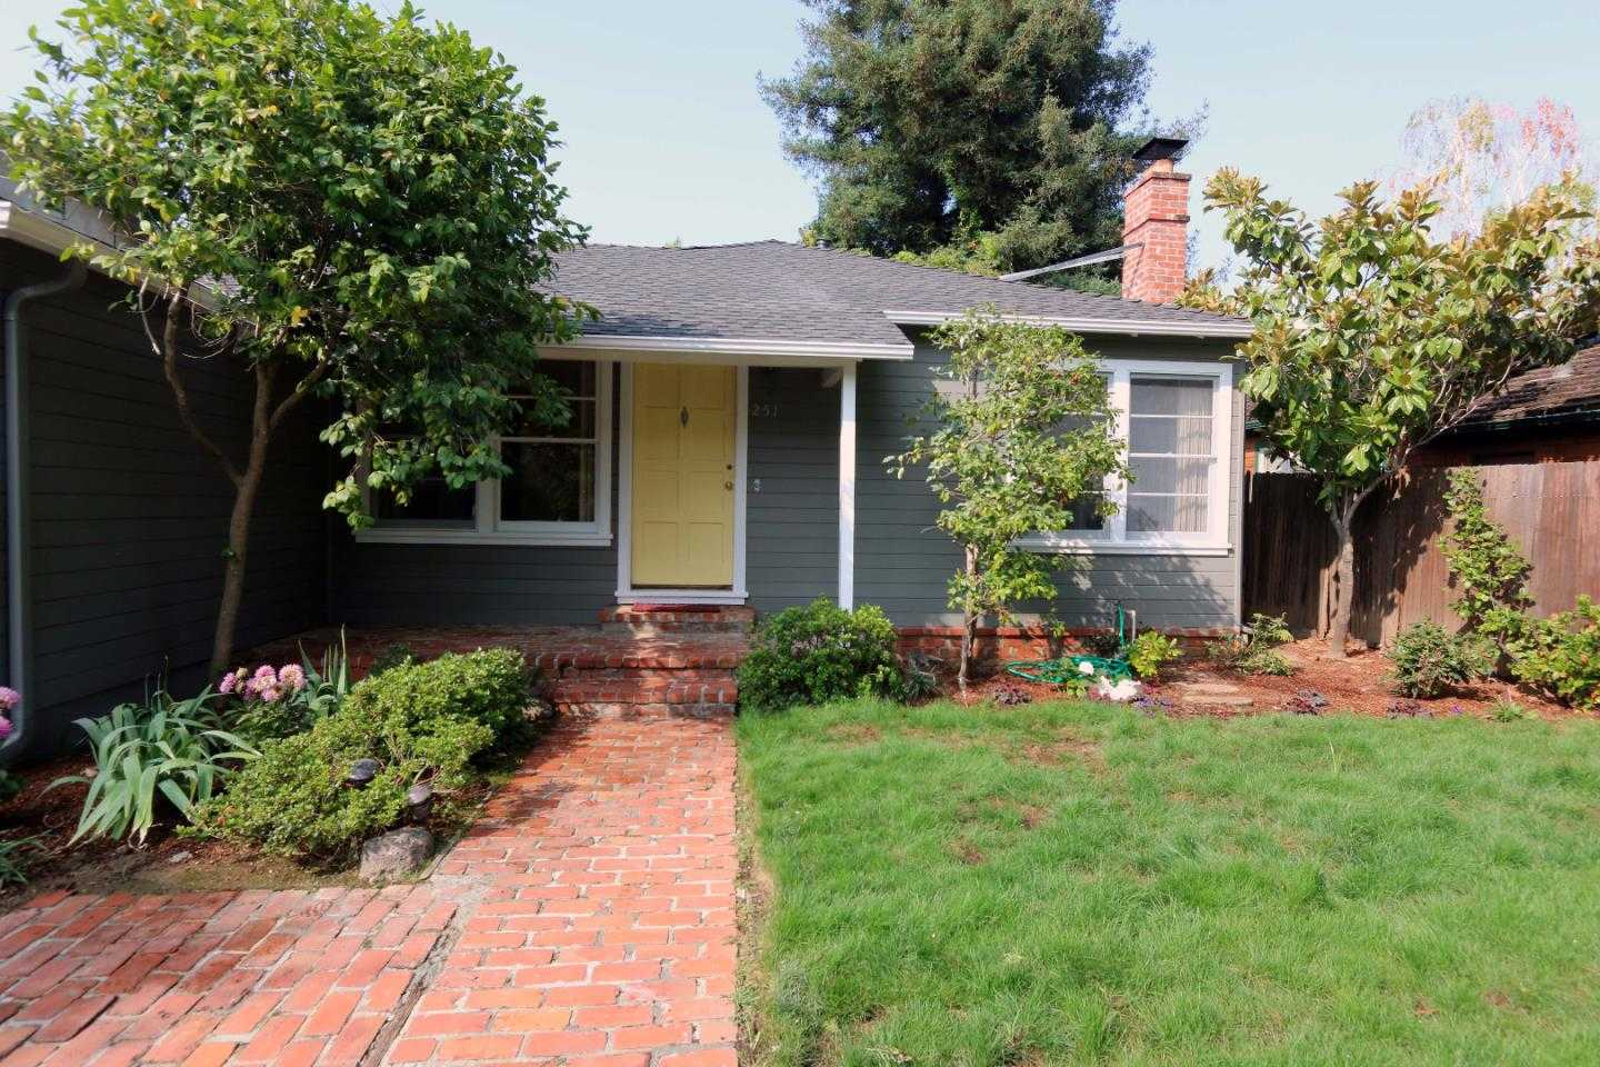 251 Stanford AVE MENLO PARK, CA 94025